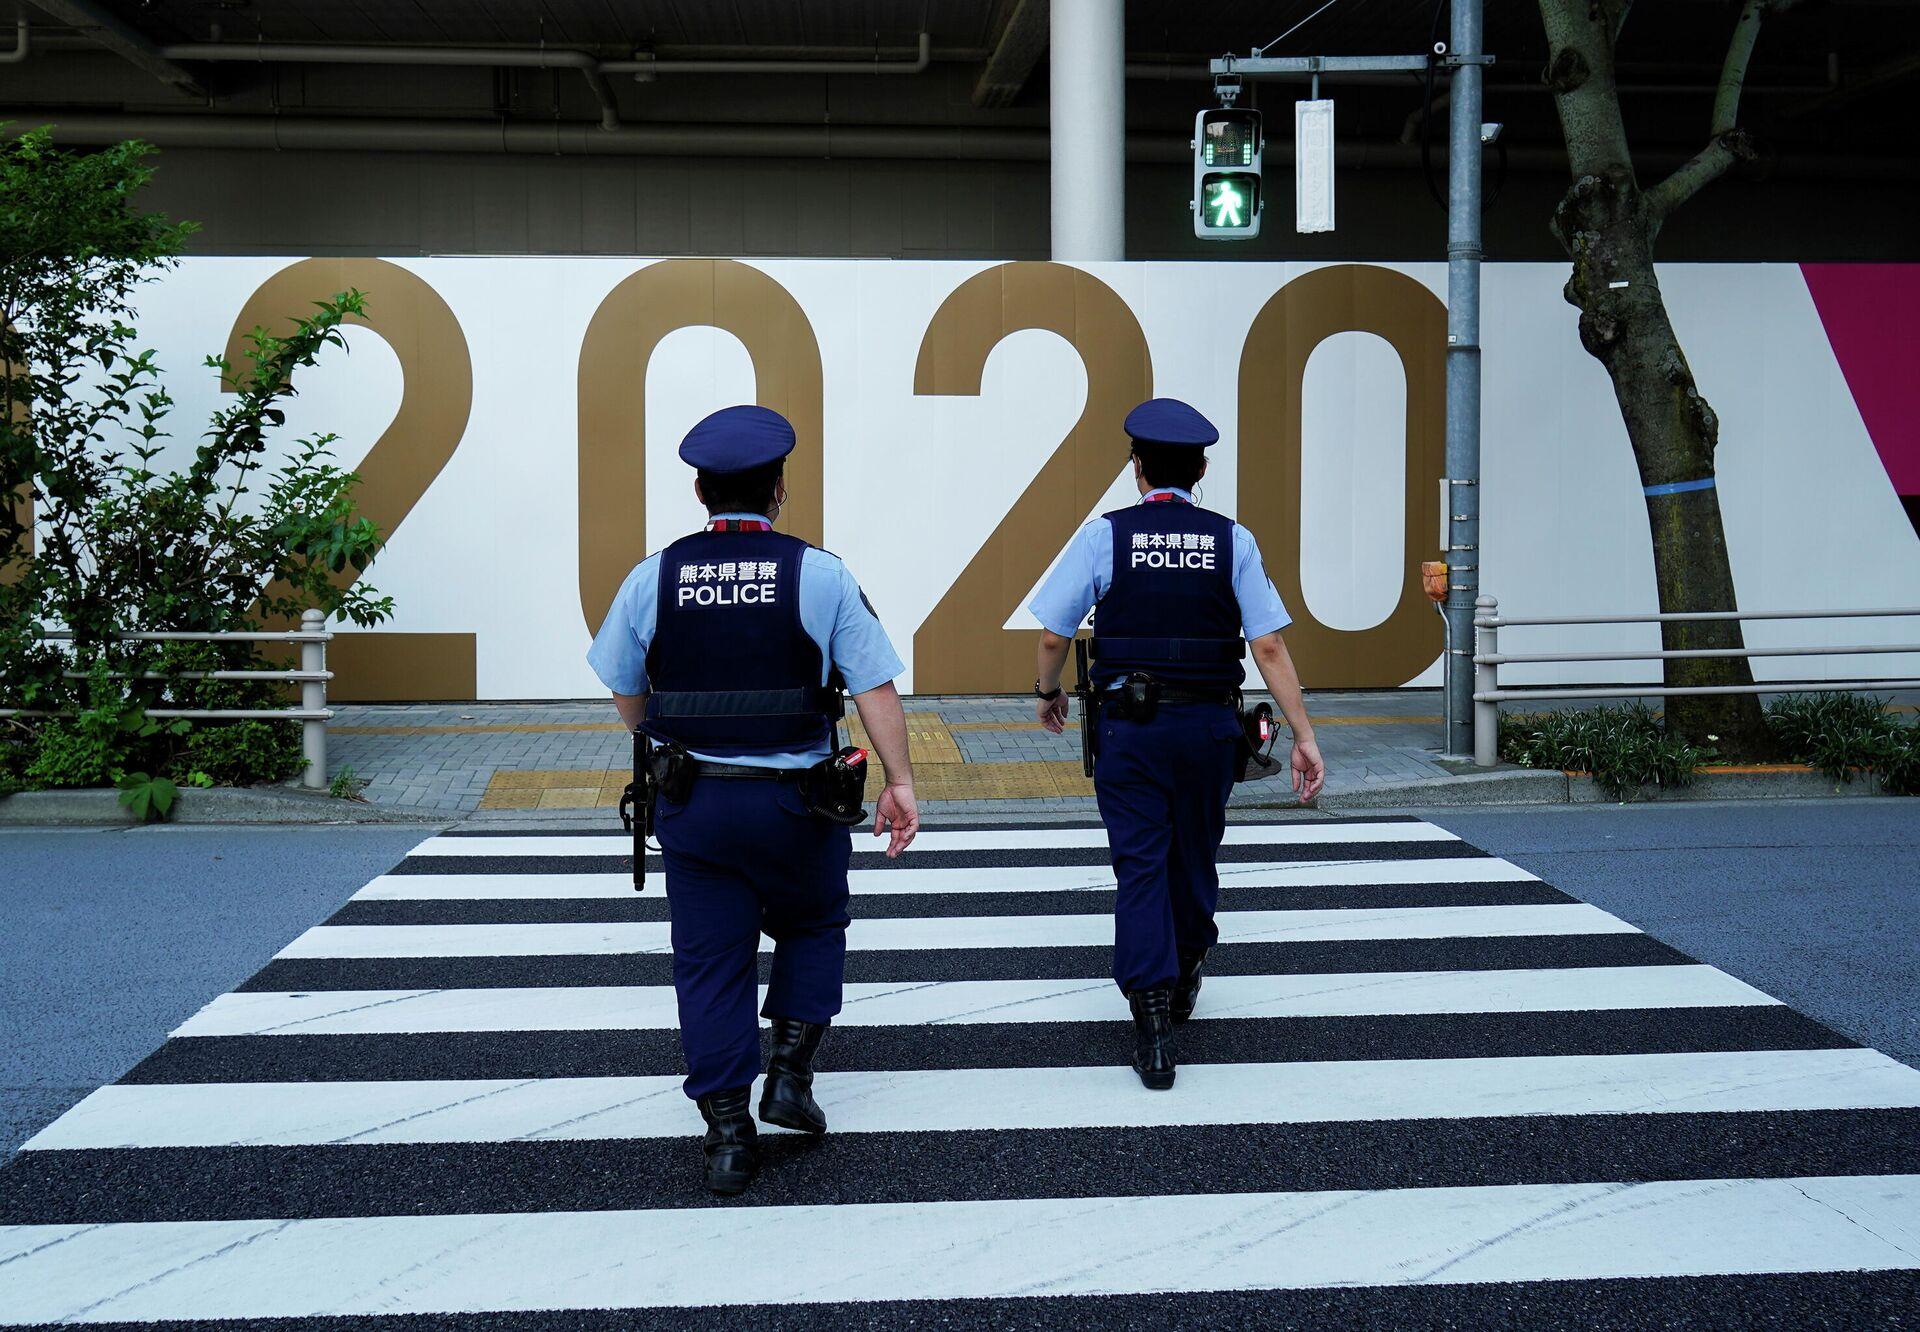 Сотрудники полиции на улицах Токио в преддверии старта Олимпийских игр - РИА Новости, 1920, 19.07.2021